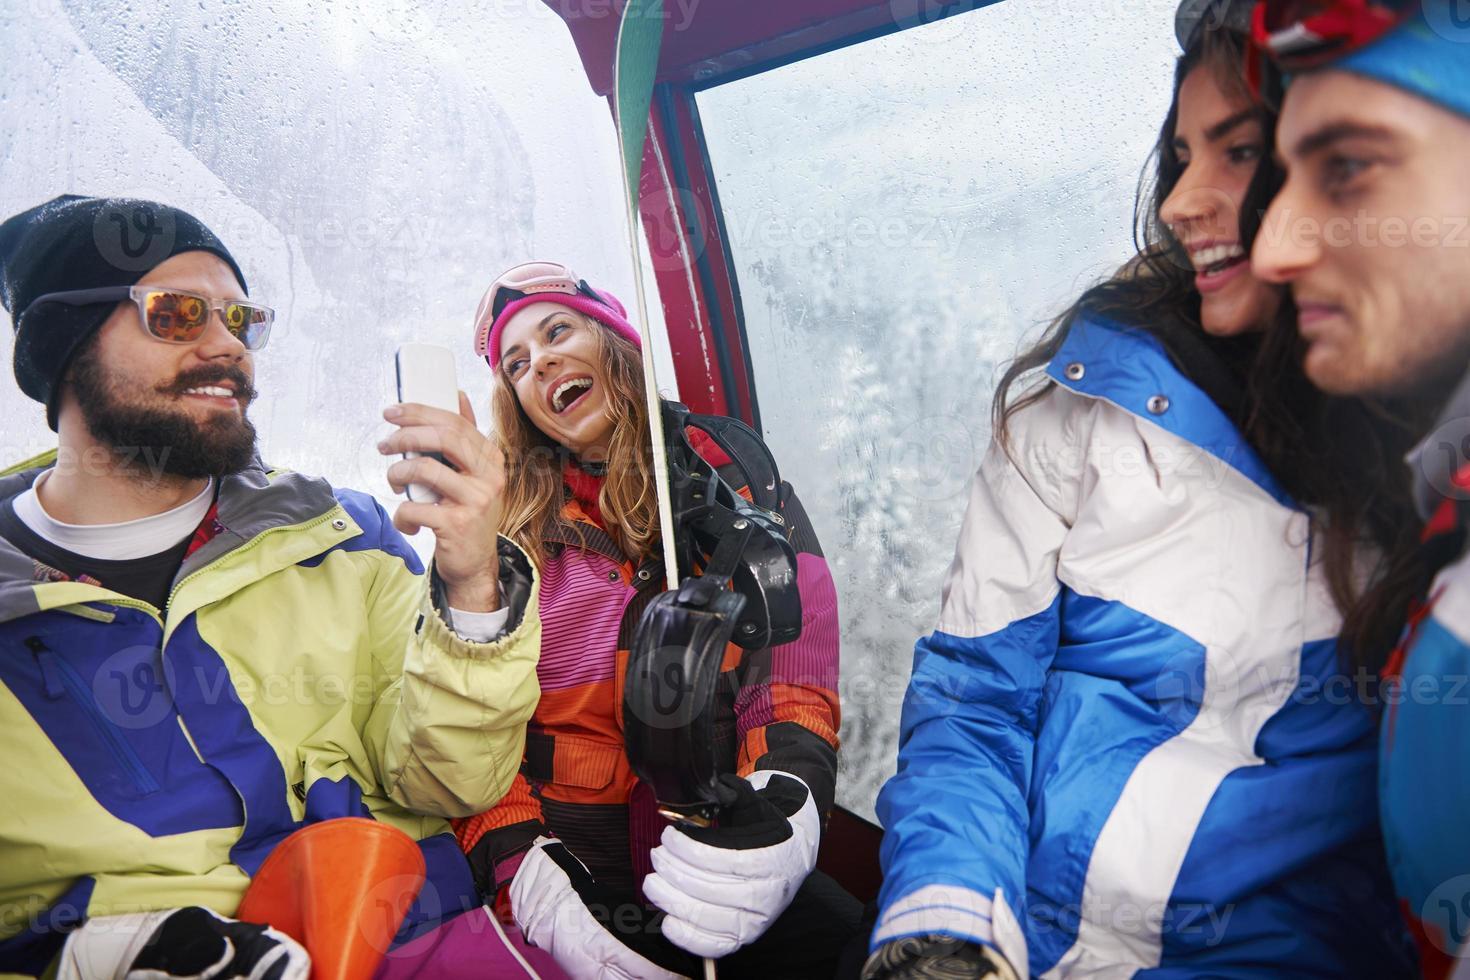 grandes lembranças das férias de inverno foto